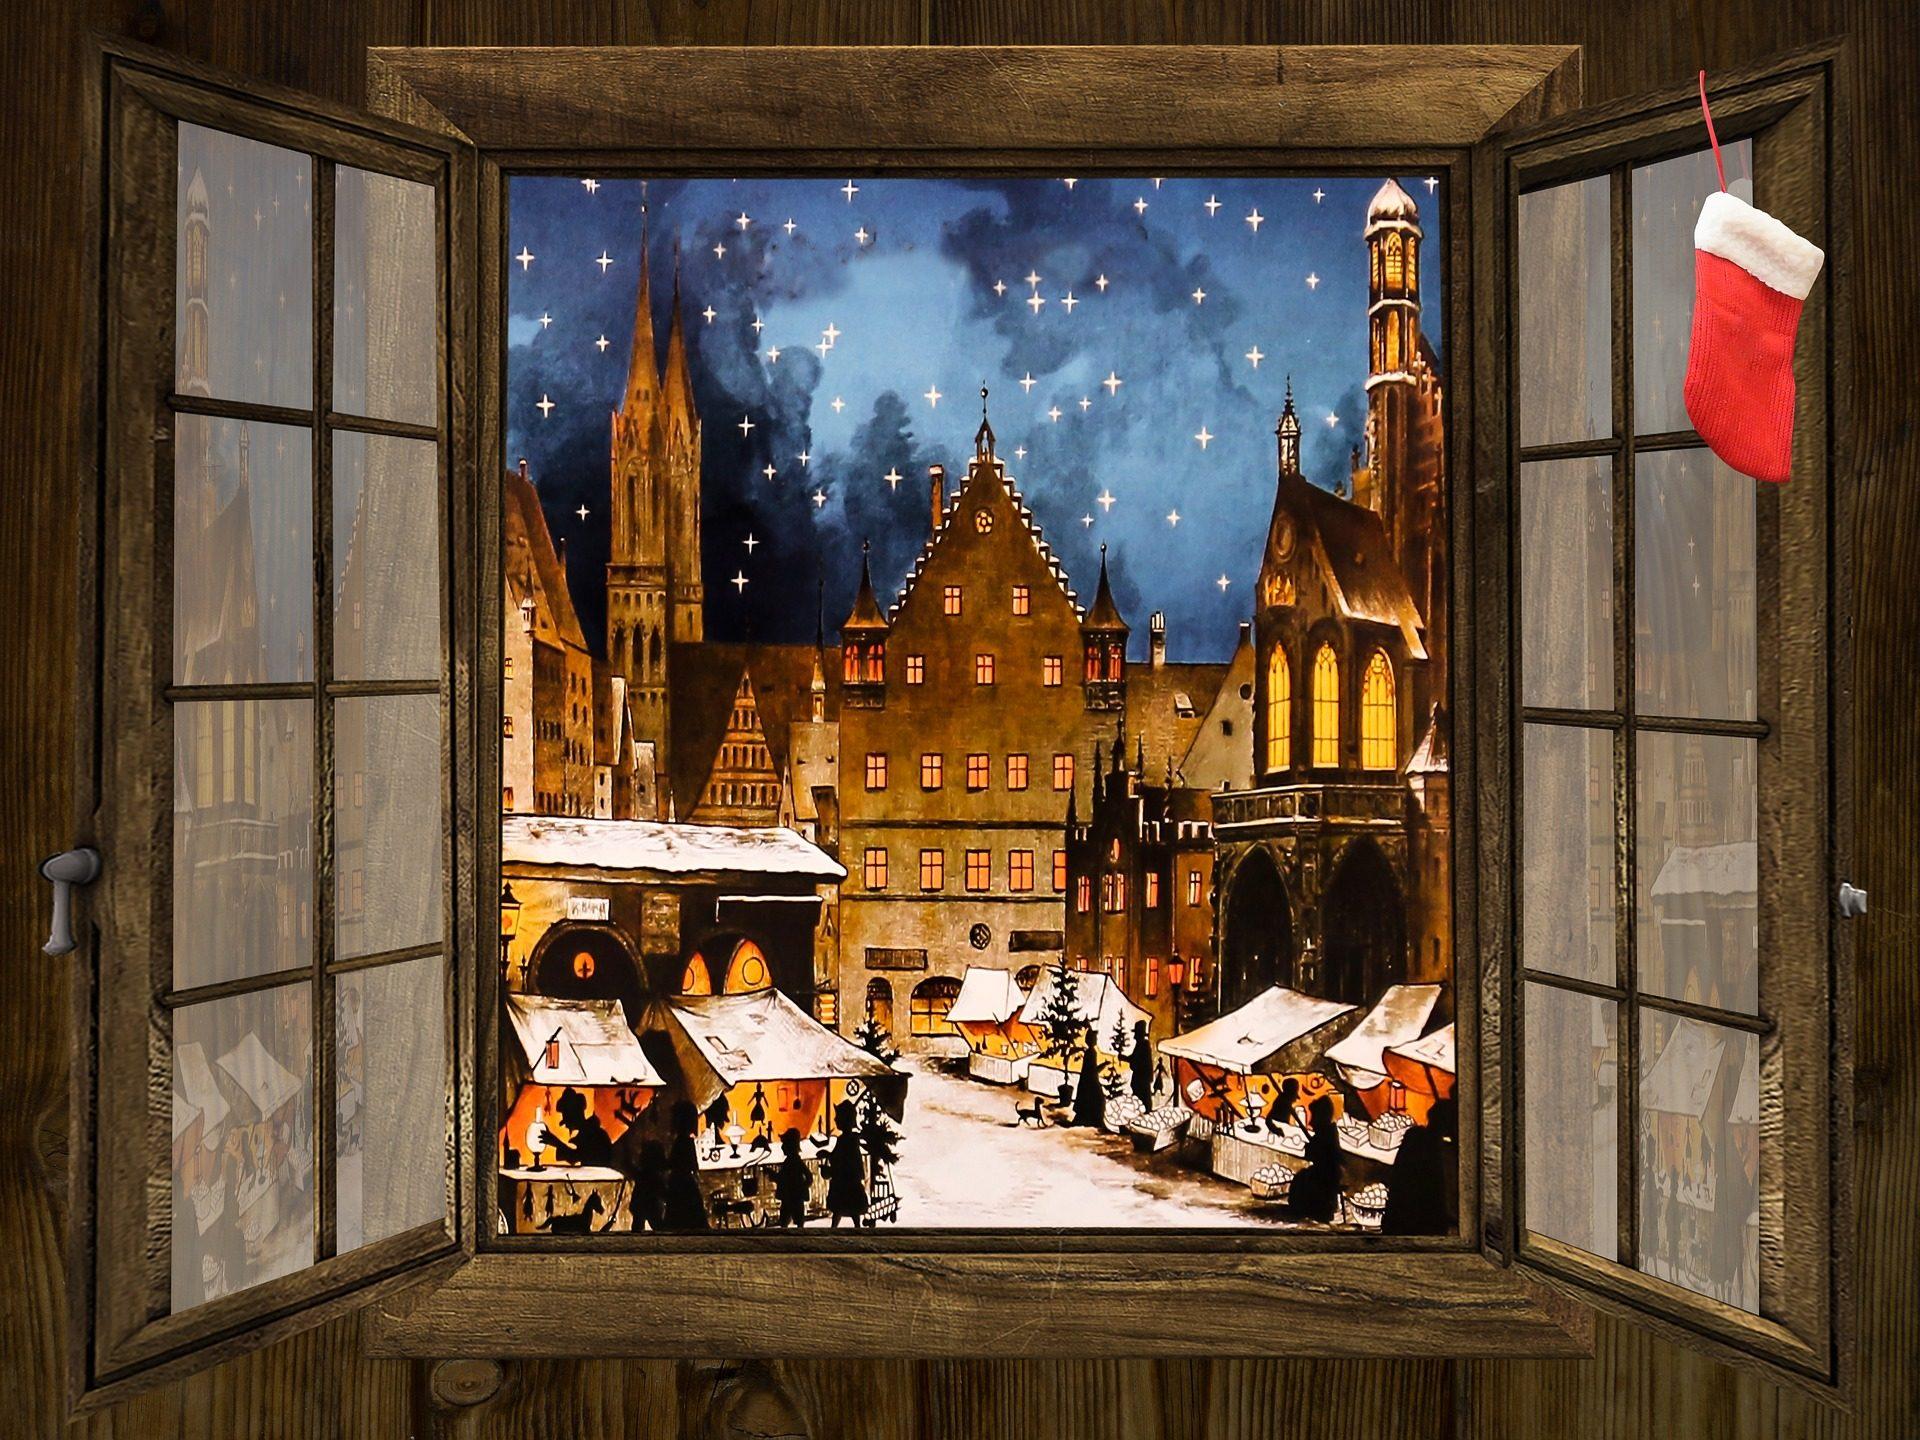 Weihnachtsmarkt in Nürnberg